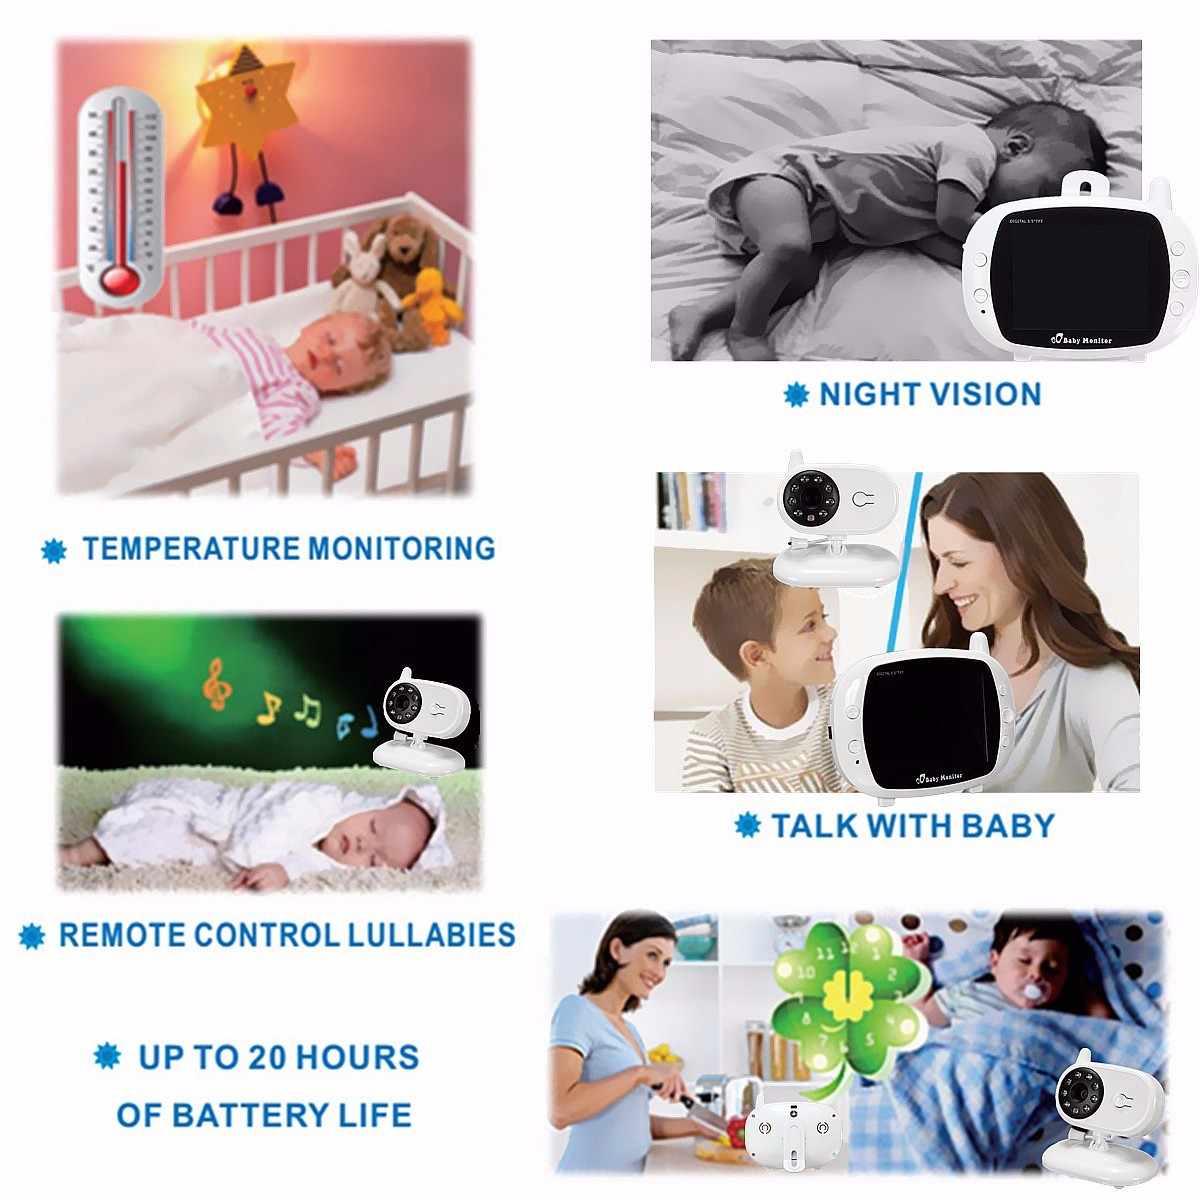 Monitor de vídeo a Color inalámbrico para bebés de 3,5 pulgadas de alta resolución de visión nocturna Monitor de temperatura para bebés Nanny cámara de seguridad de 2 vías